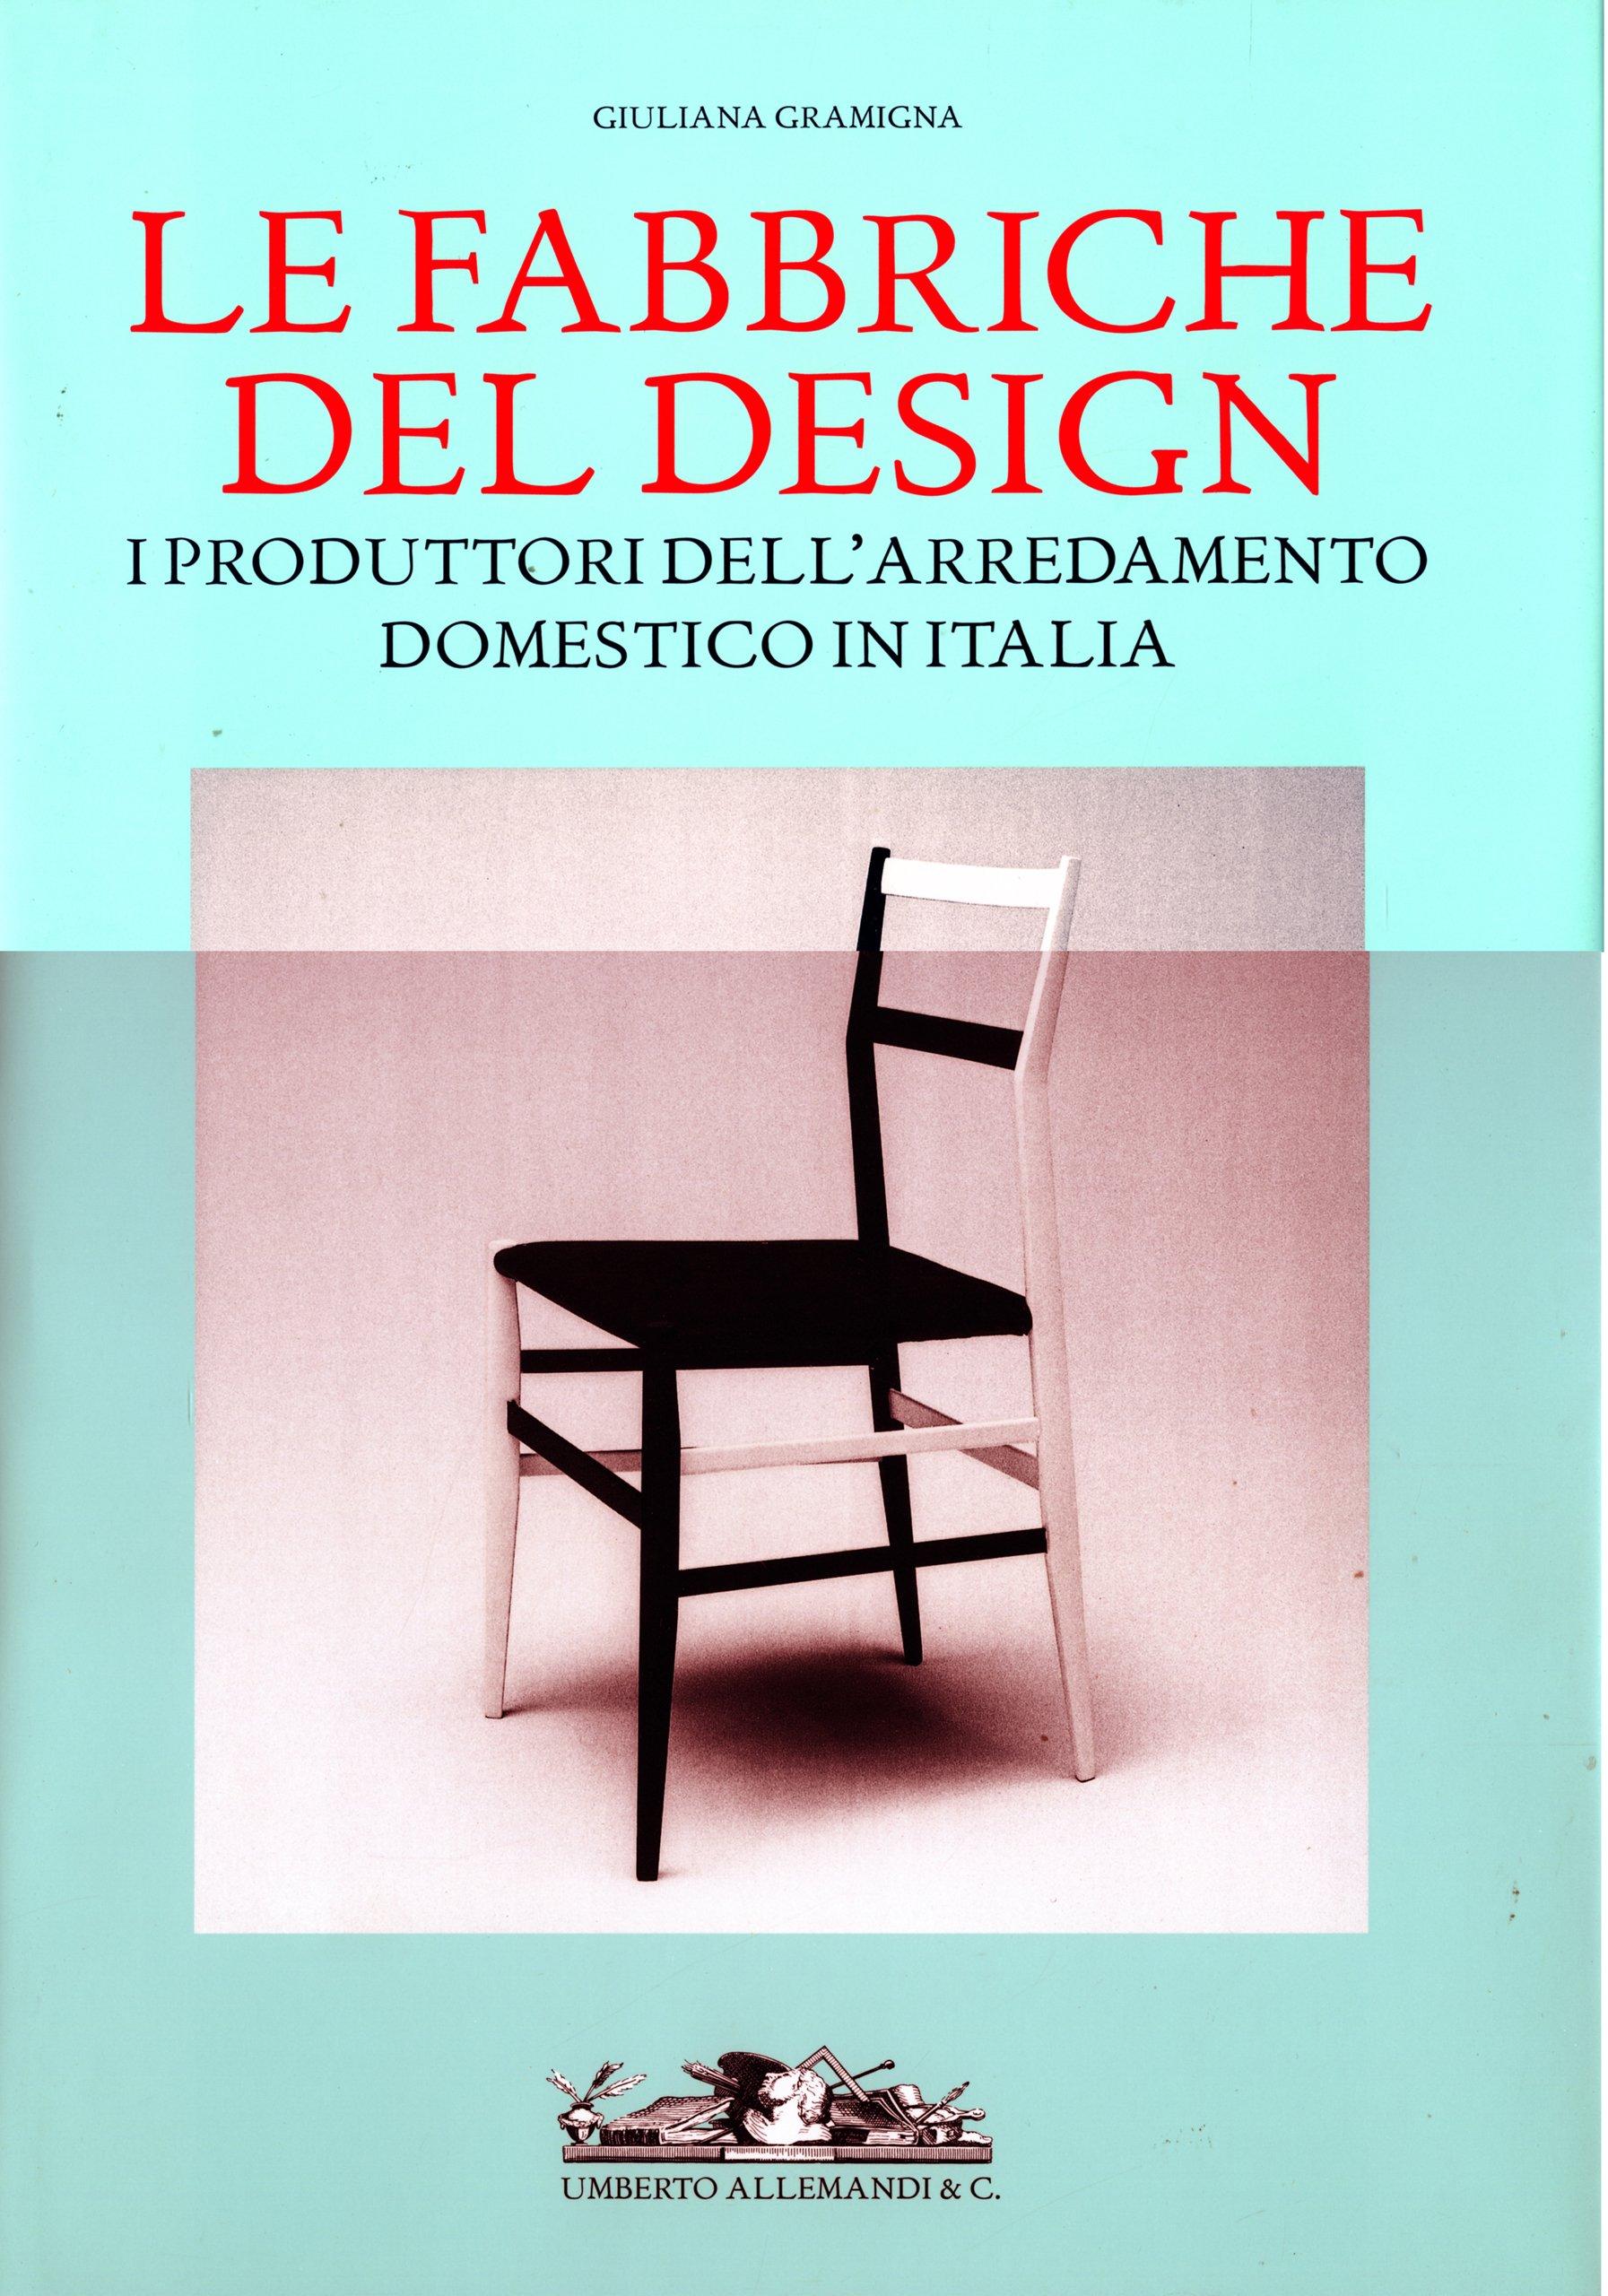 Fabbriche Arredamento Italia.Le Fabbriche Del Design I Produttori Dell Arredamento